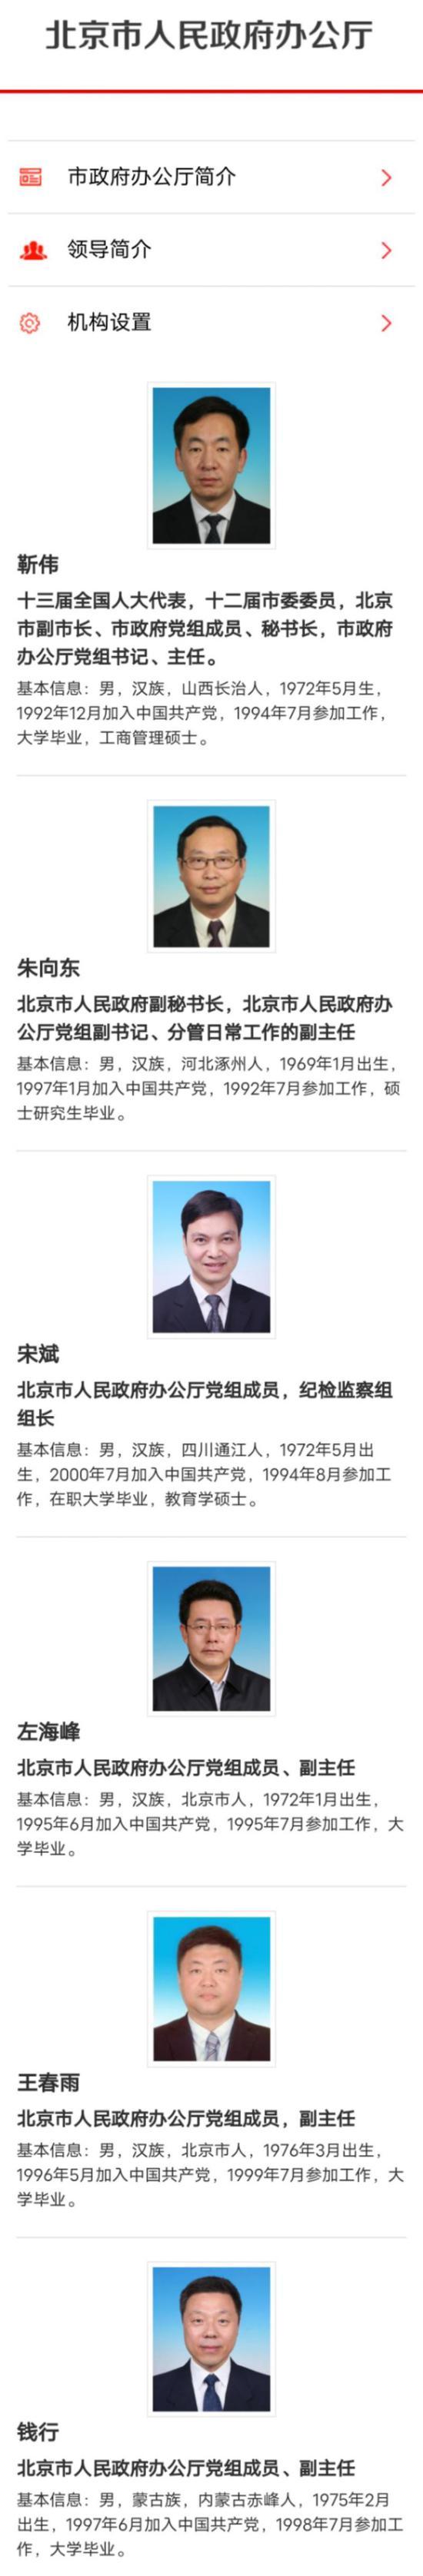 王芳不再擔任北京市人民政府副秘書長